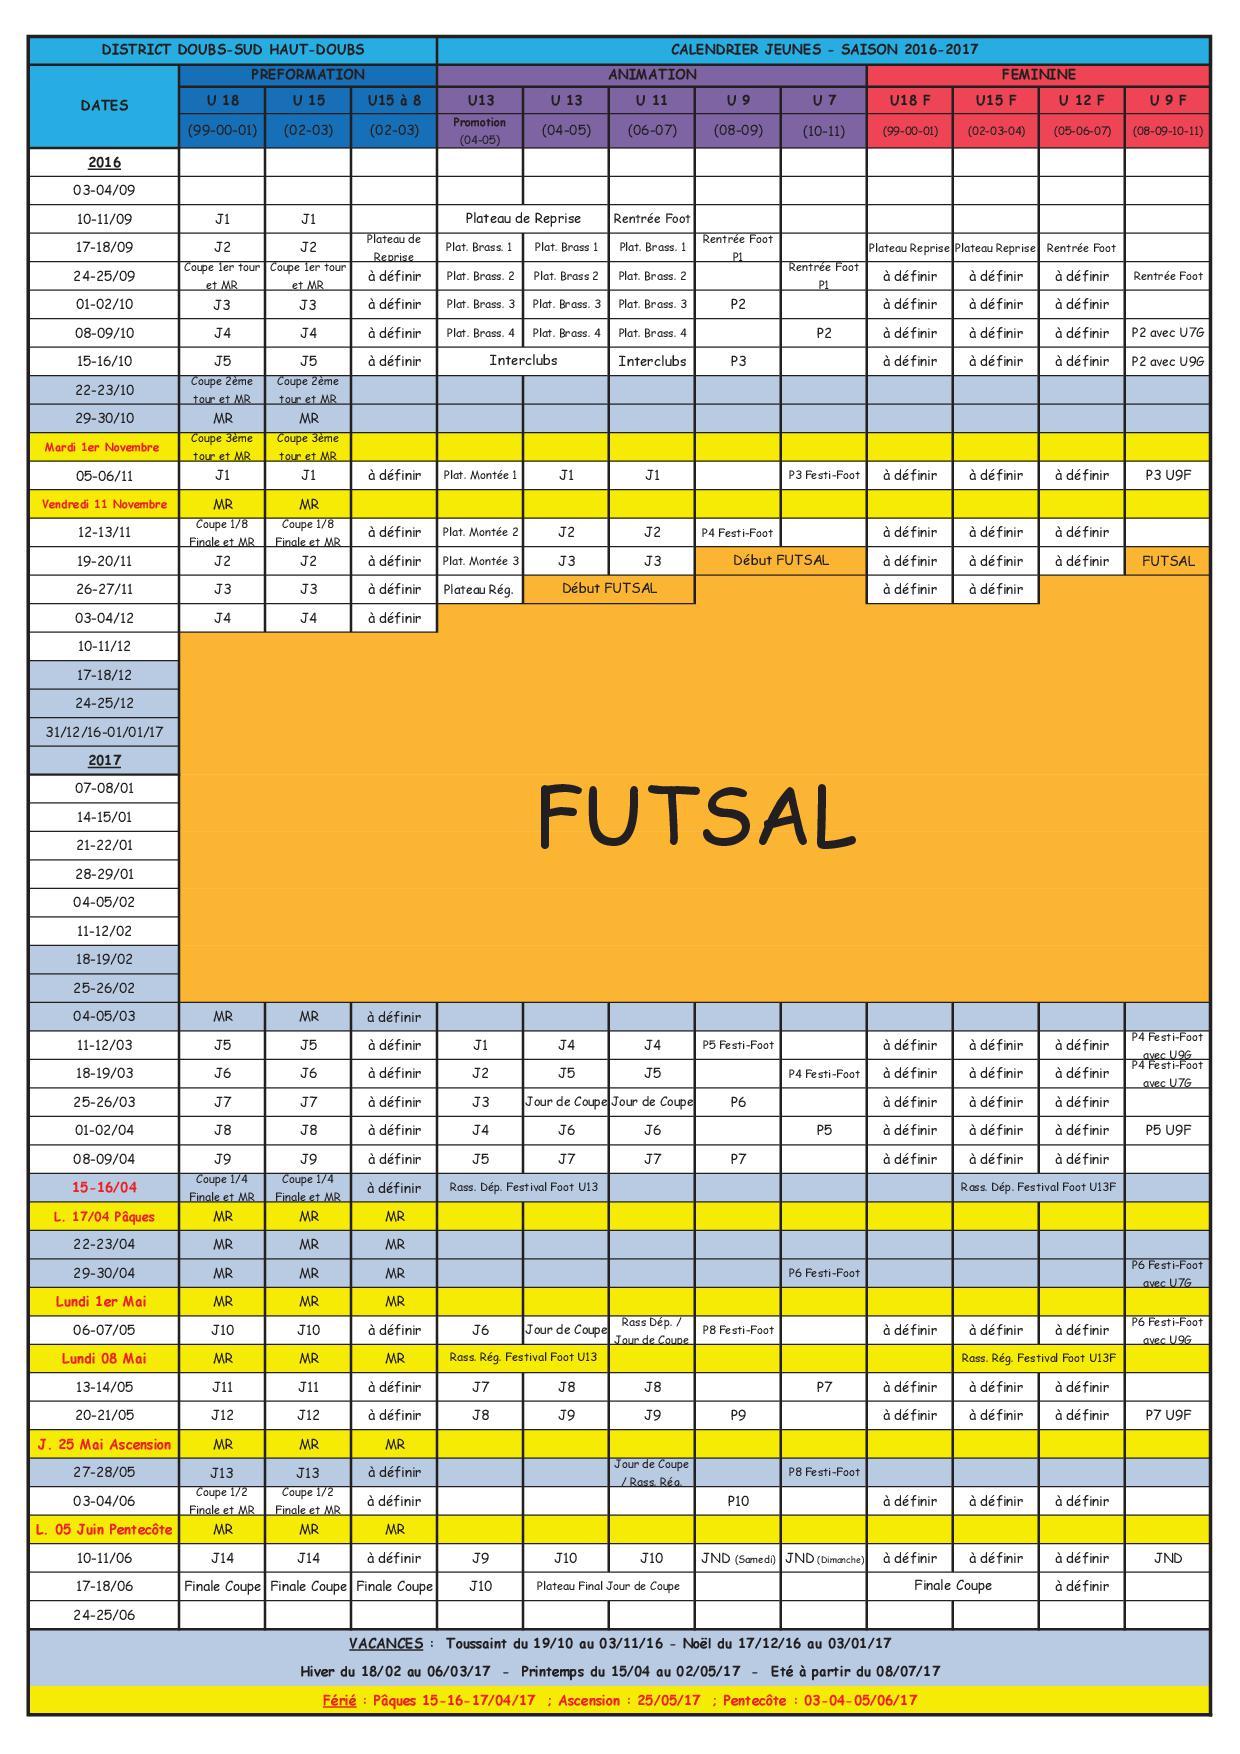 calendrier général jeunes 2016/2017